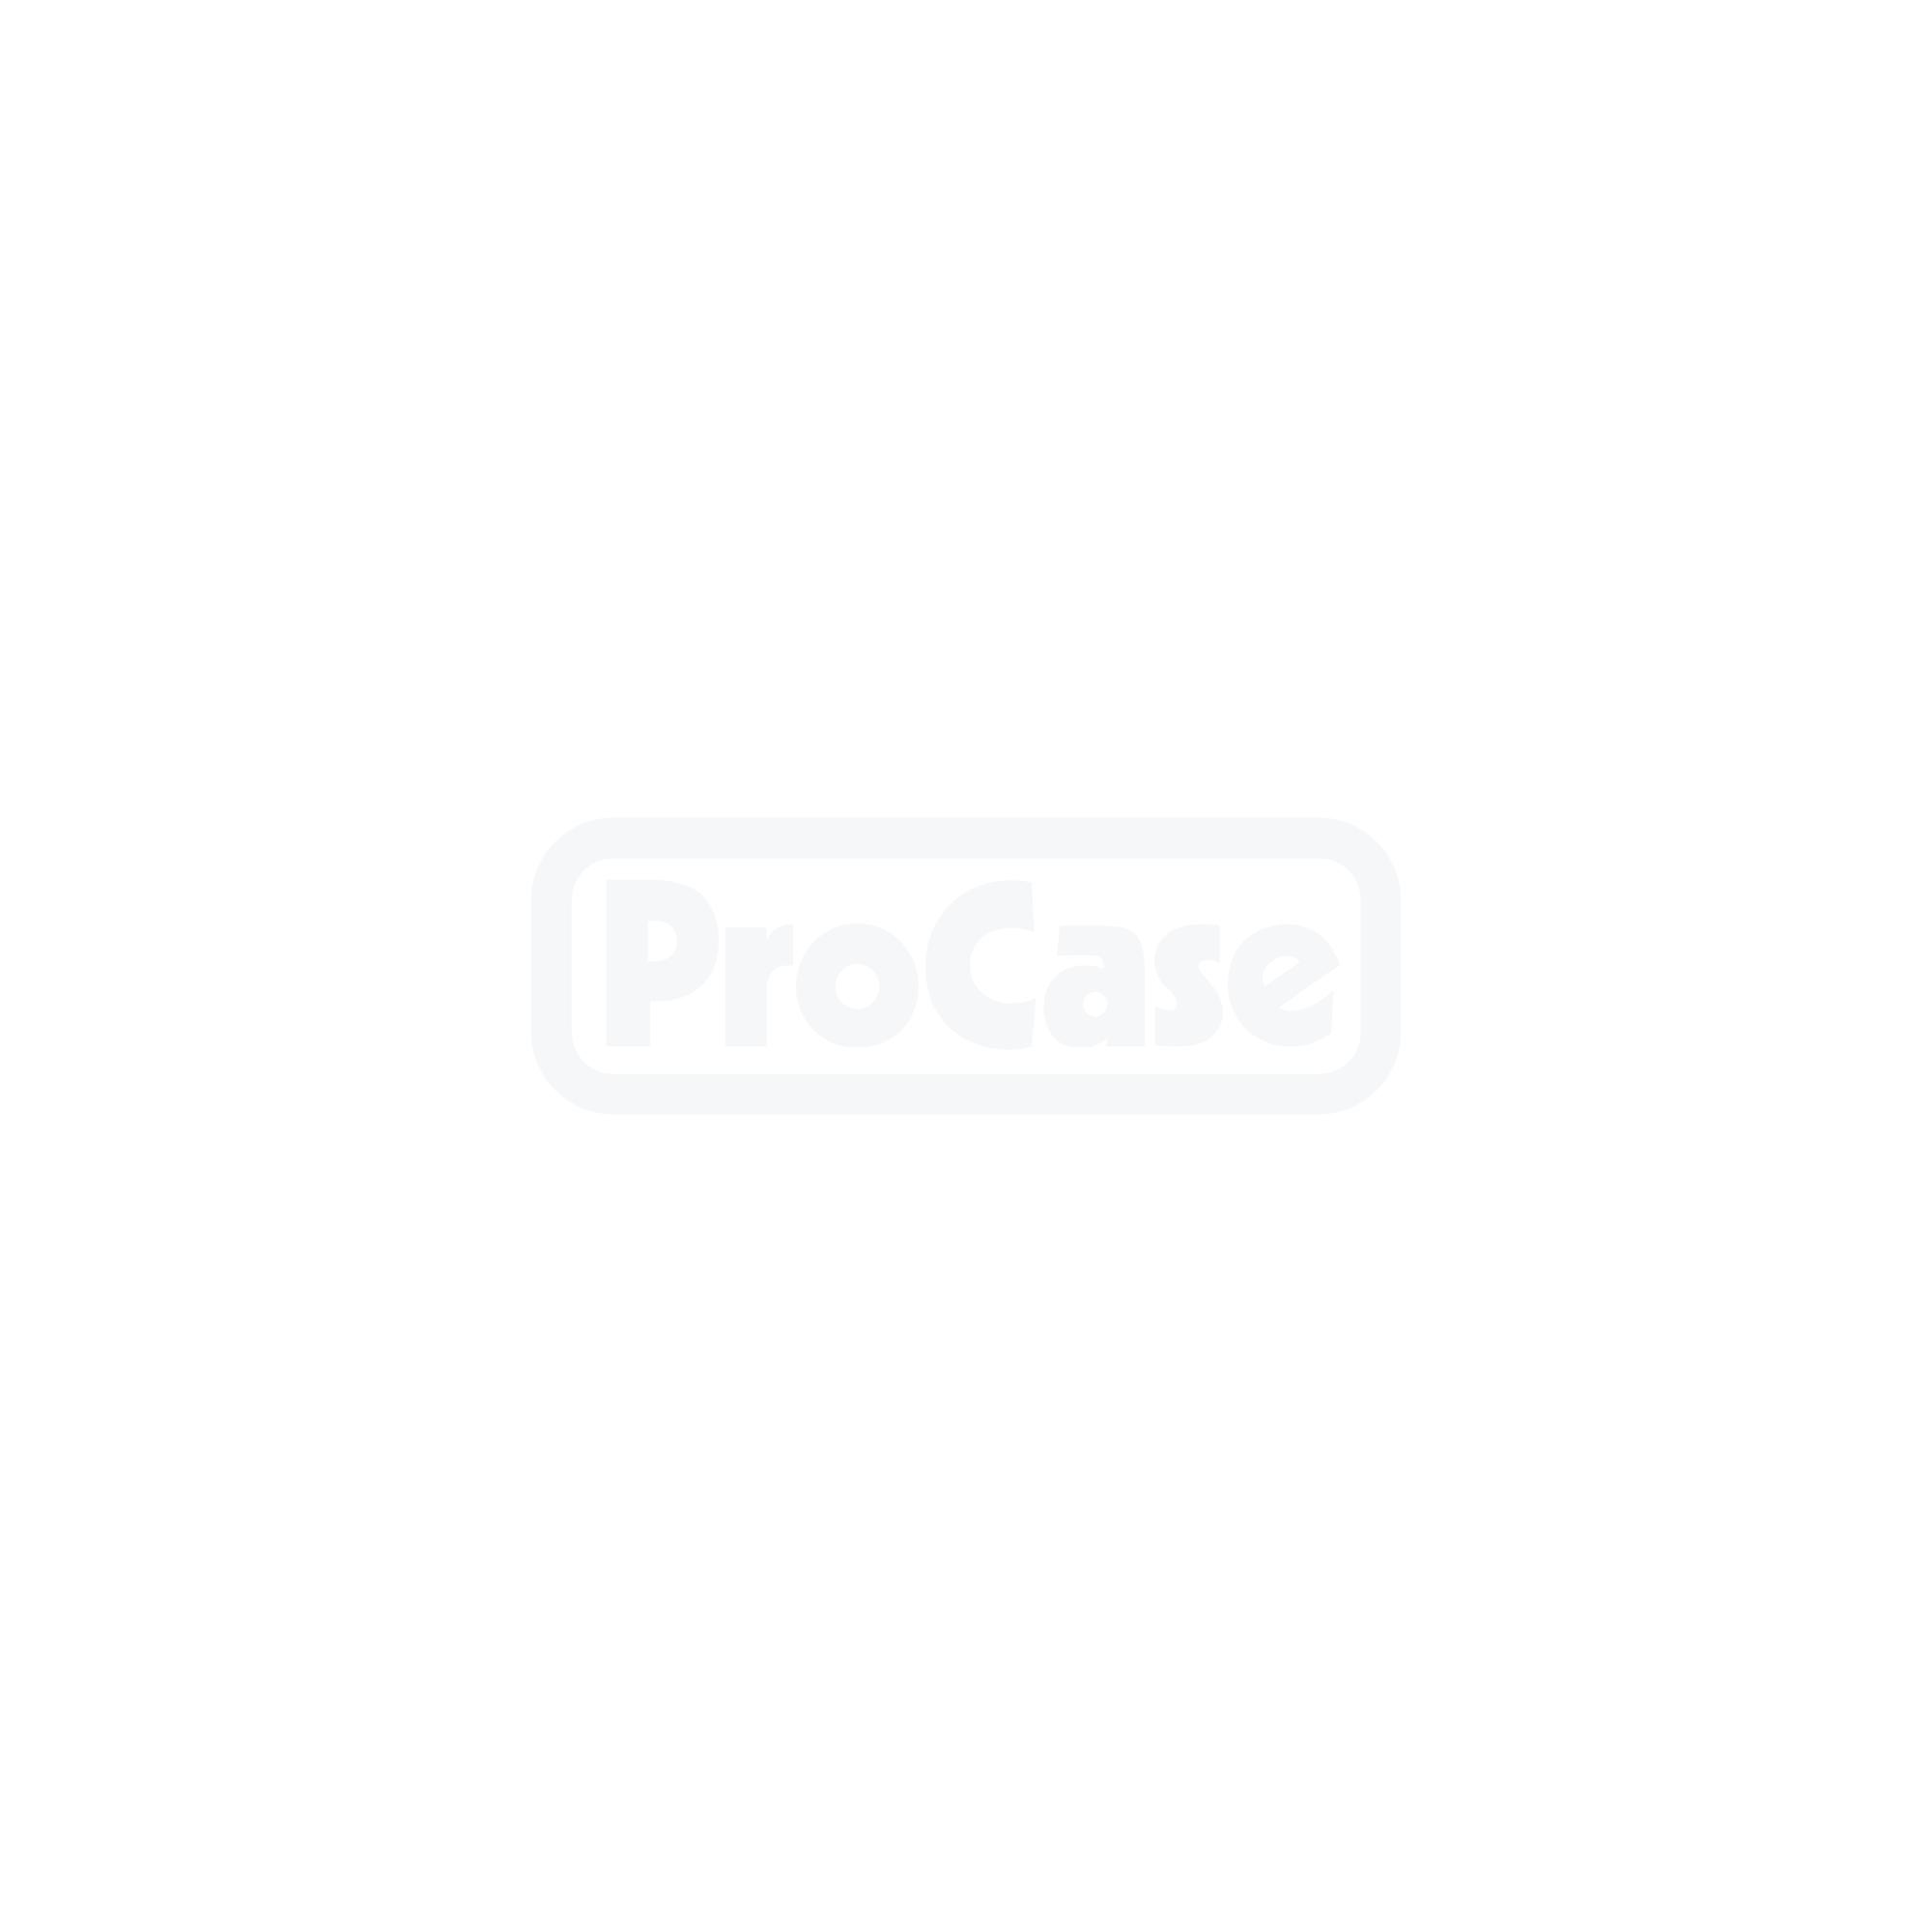 QSD-Rack 20HE 800 mm tief 2